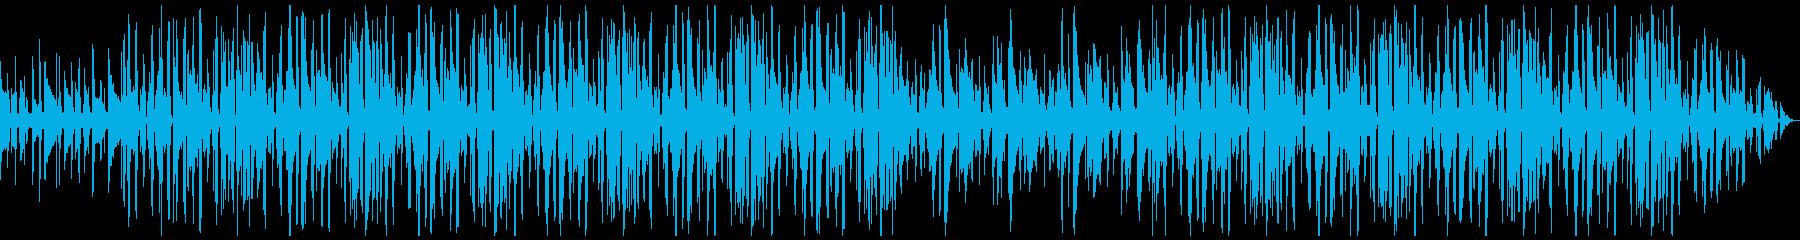 アコギが印象的なローファイヒップホップの再生済みの波形